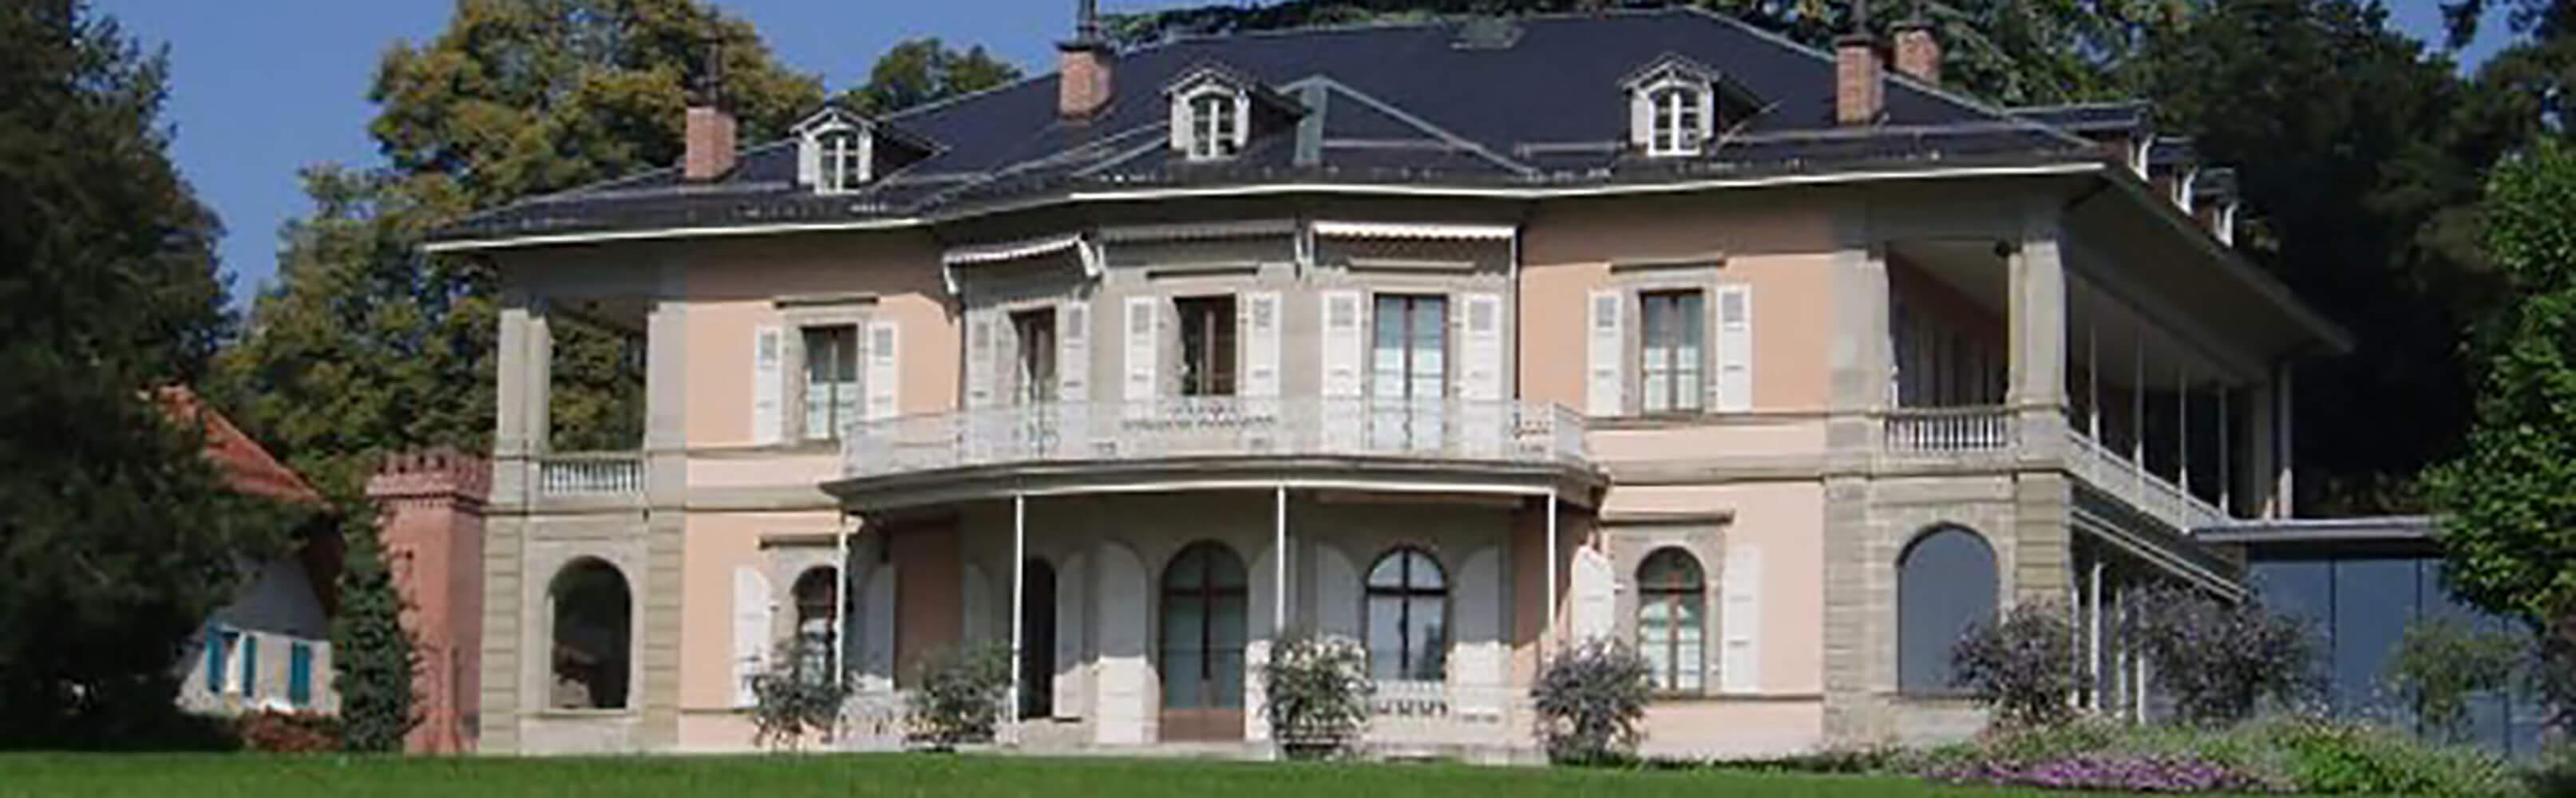 Fondation de l'Hermitage Lausanne